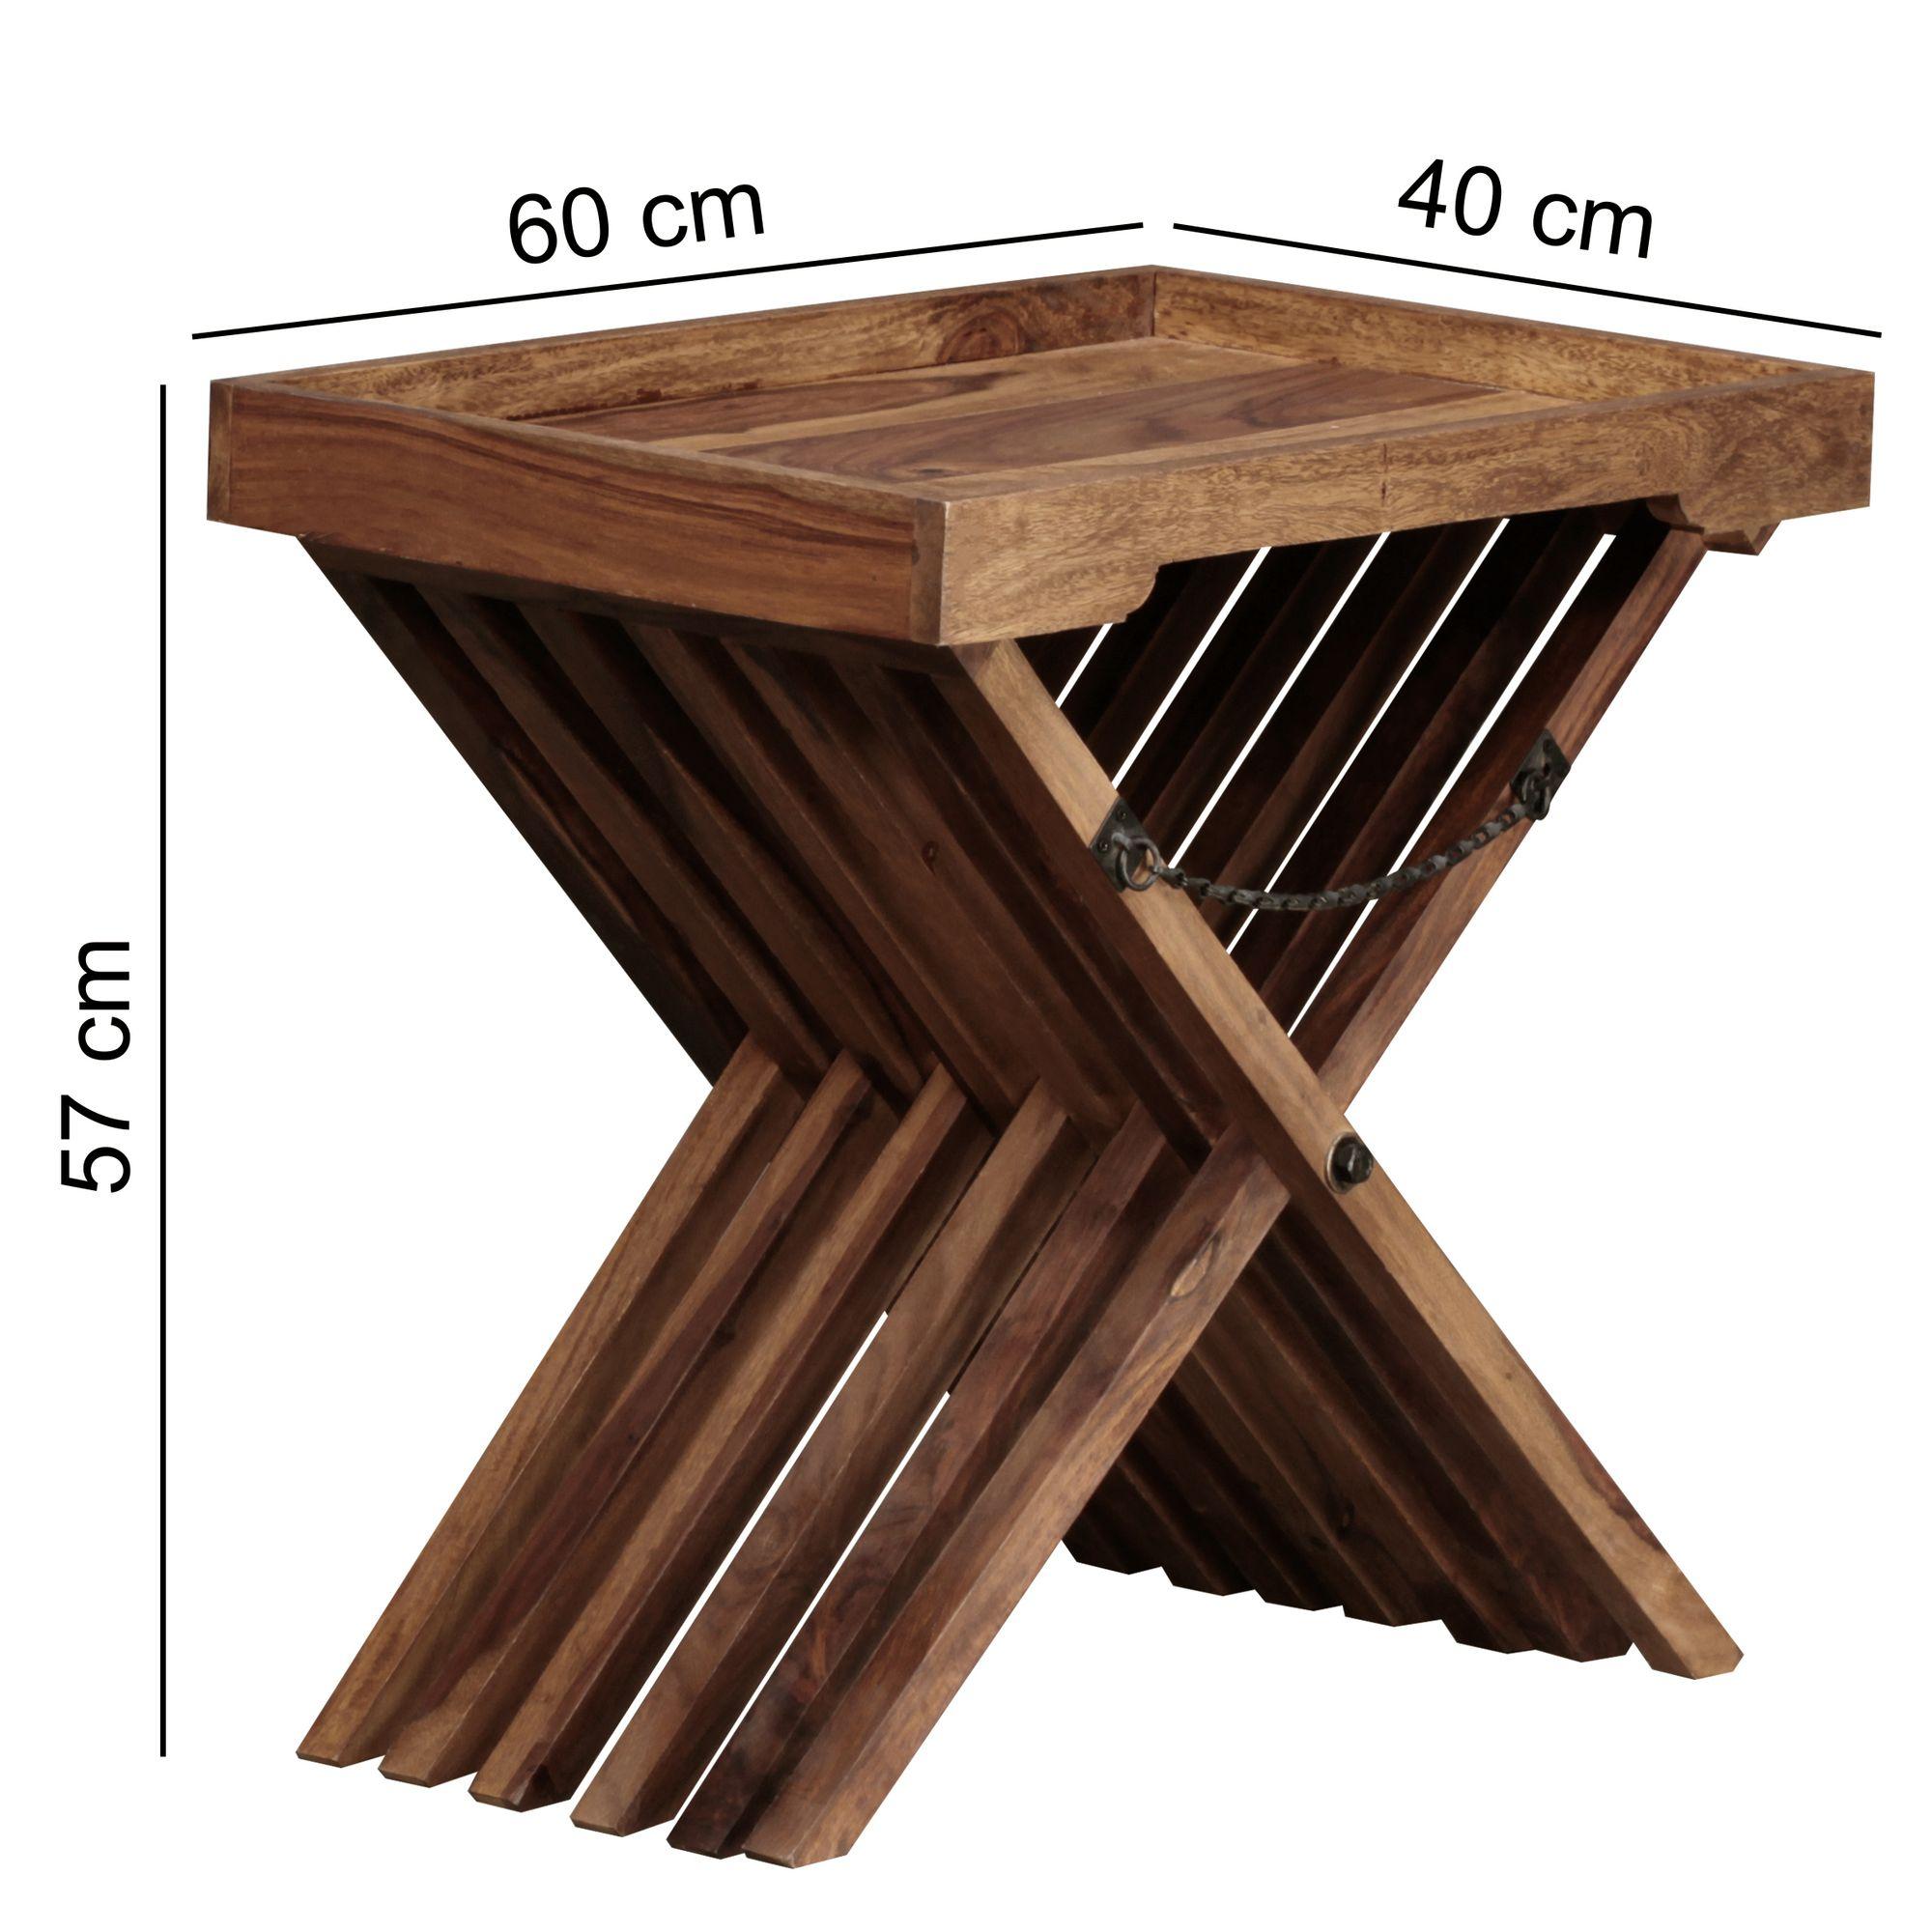 Servírovací / odkládací stolek Mumbai skládací, 60 cm, masiv Sheesham